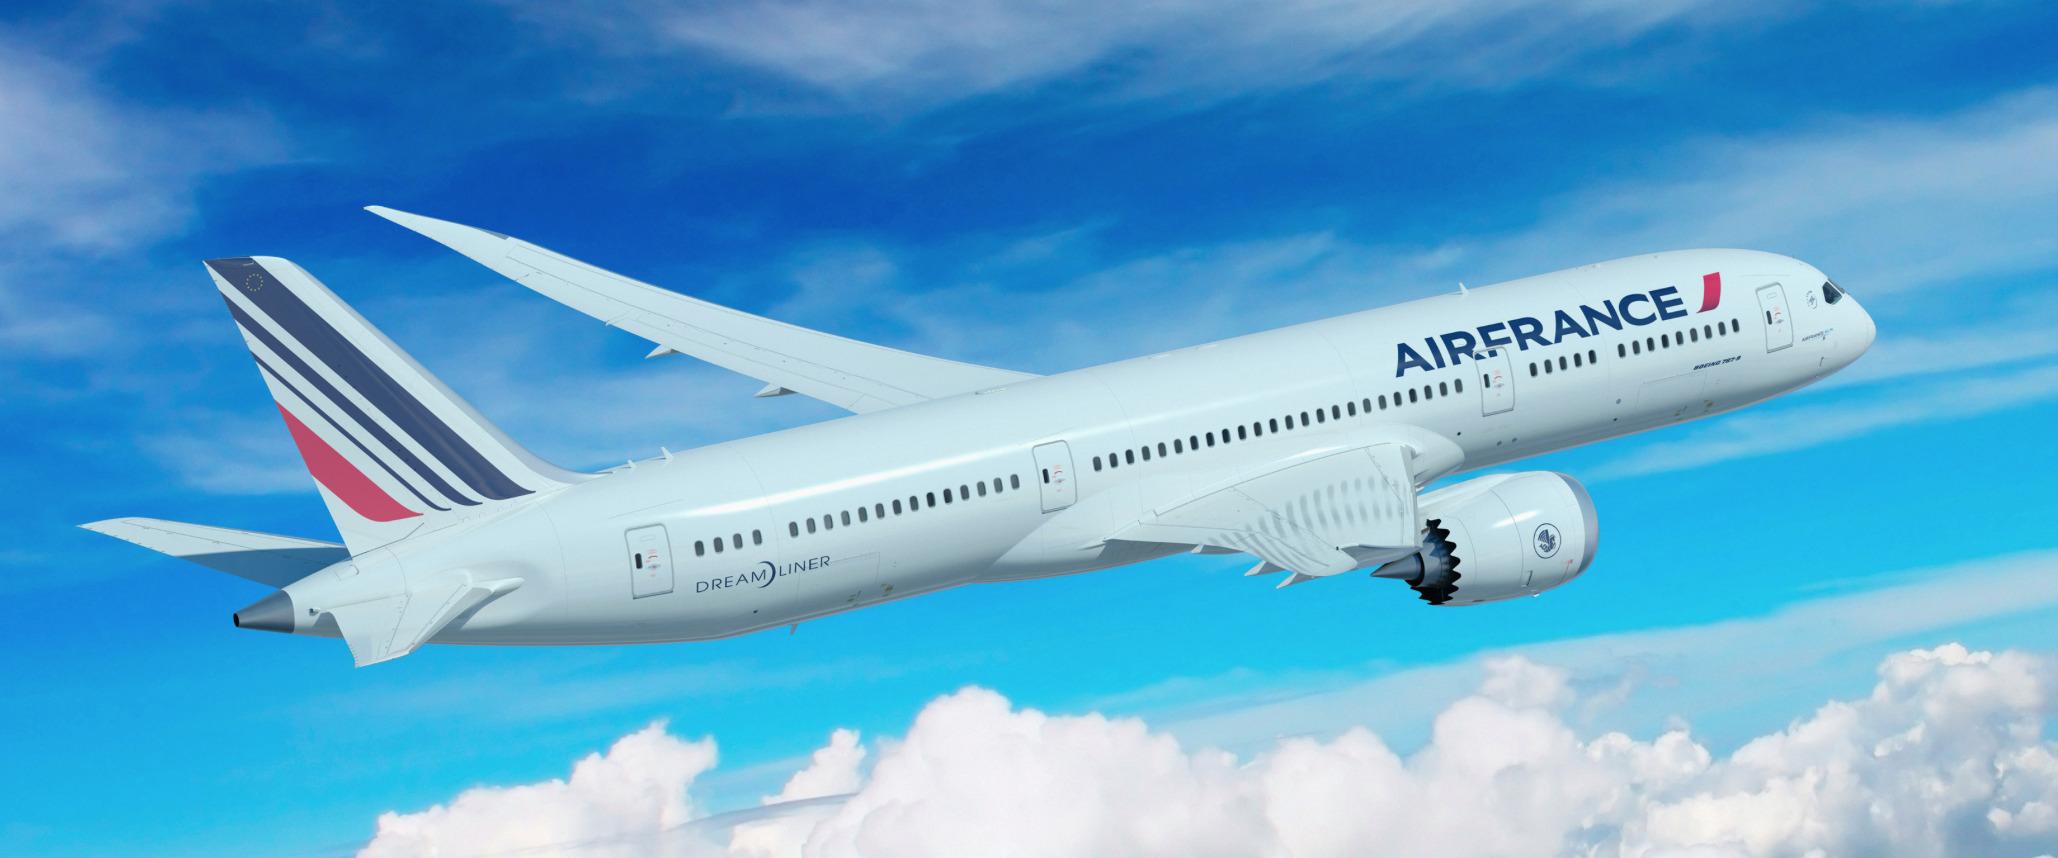 Os passageiros da Air France foram os mais espionados pelos Estados Unidos e Reino Unido